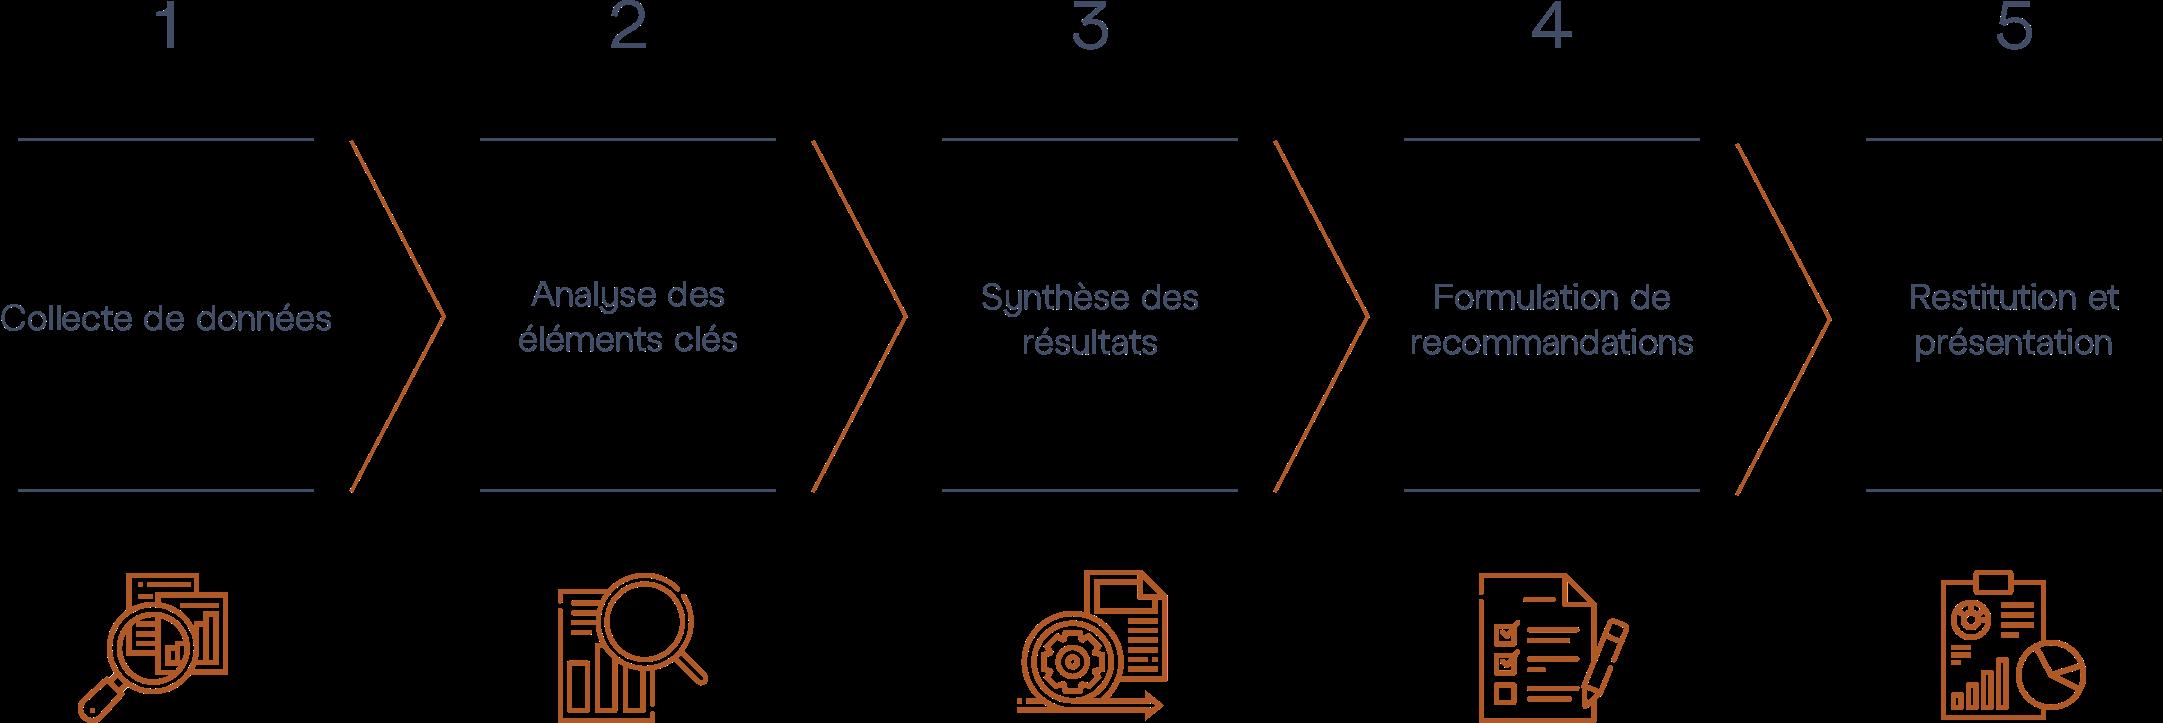 Audit Digital M&BD © - Diagram Steps